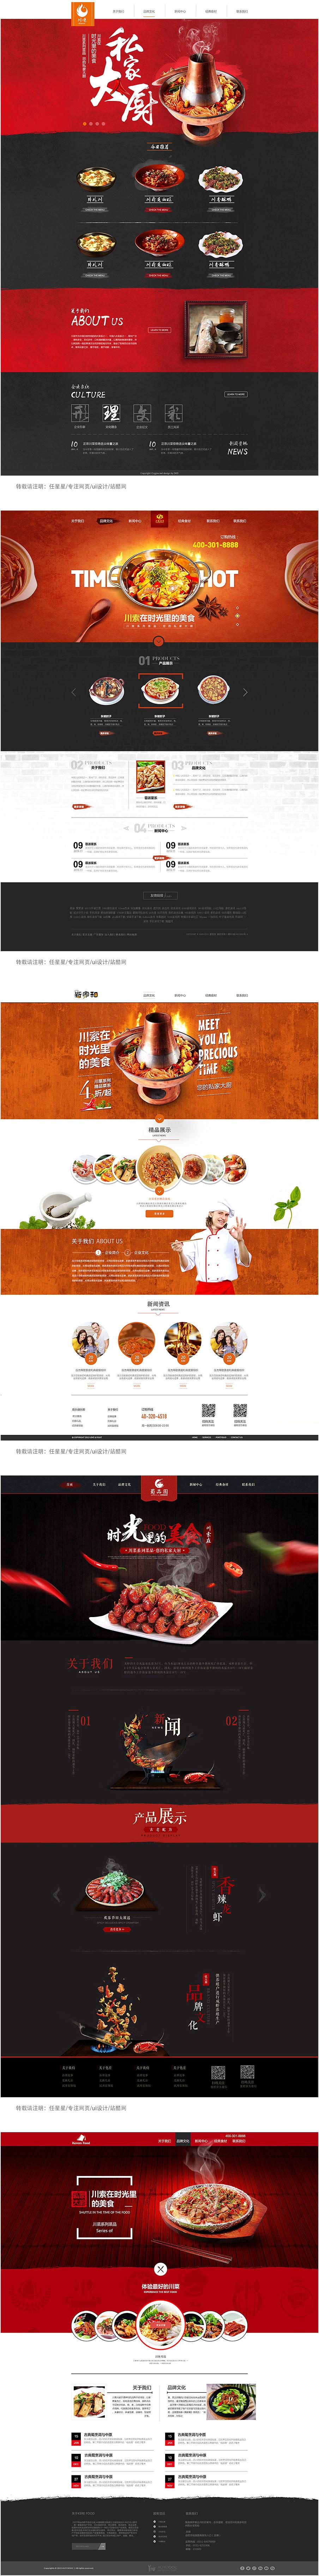 10个精美食品网站设计欣赏